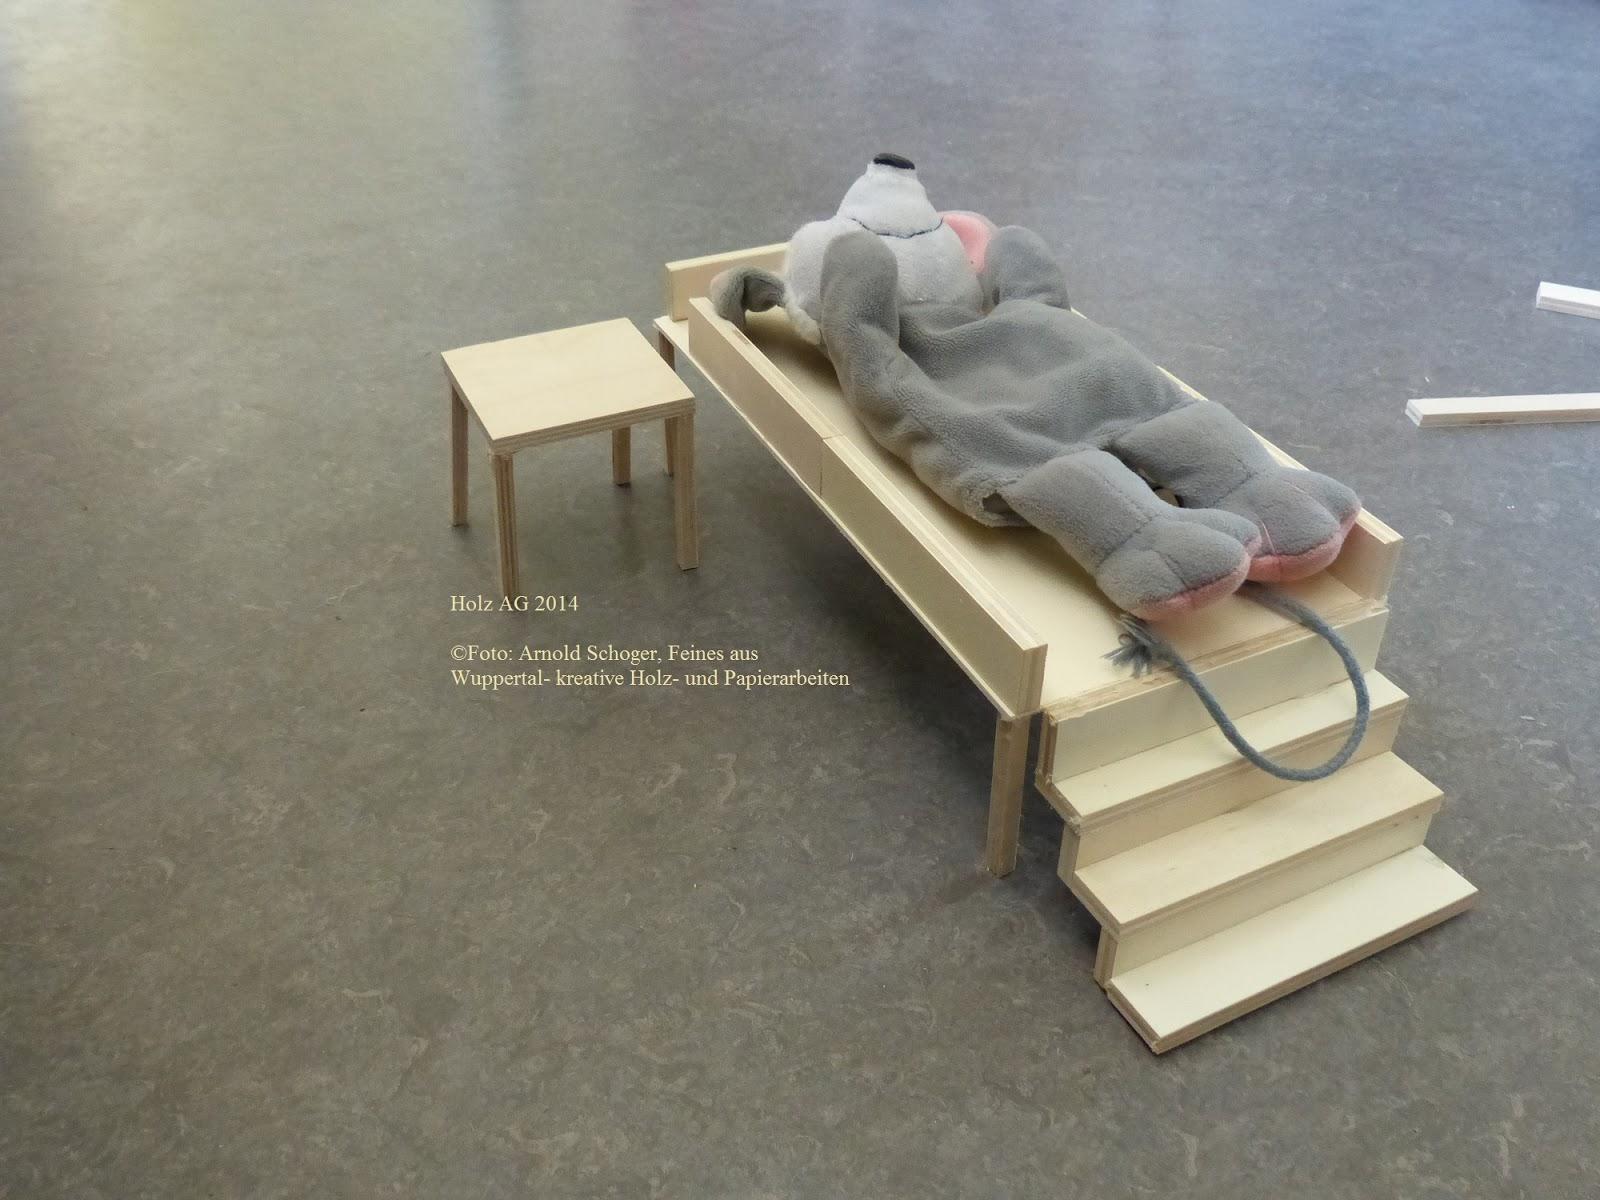 hochbett madchen holz die neuesten innenarchitekturideen. Black Bedroom Furniture Sets. Home Design Ideas